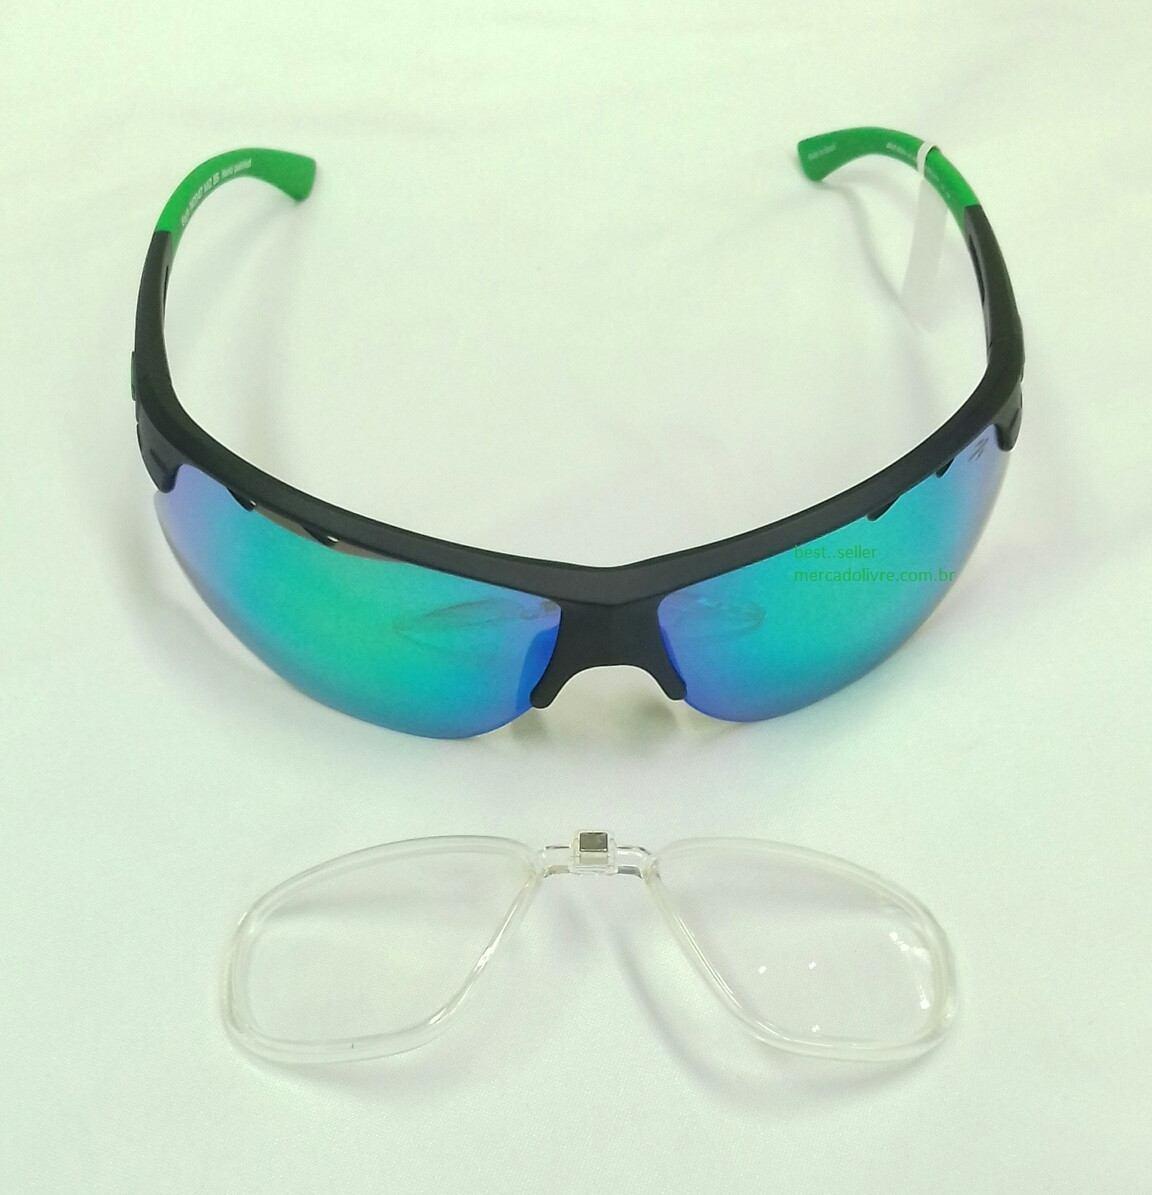 0b2c34c10 óculos sol mormaii eagle clip on grau clip espelhado verde. Carregando zoom.